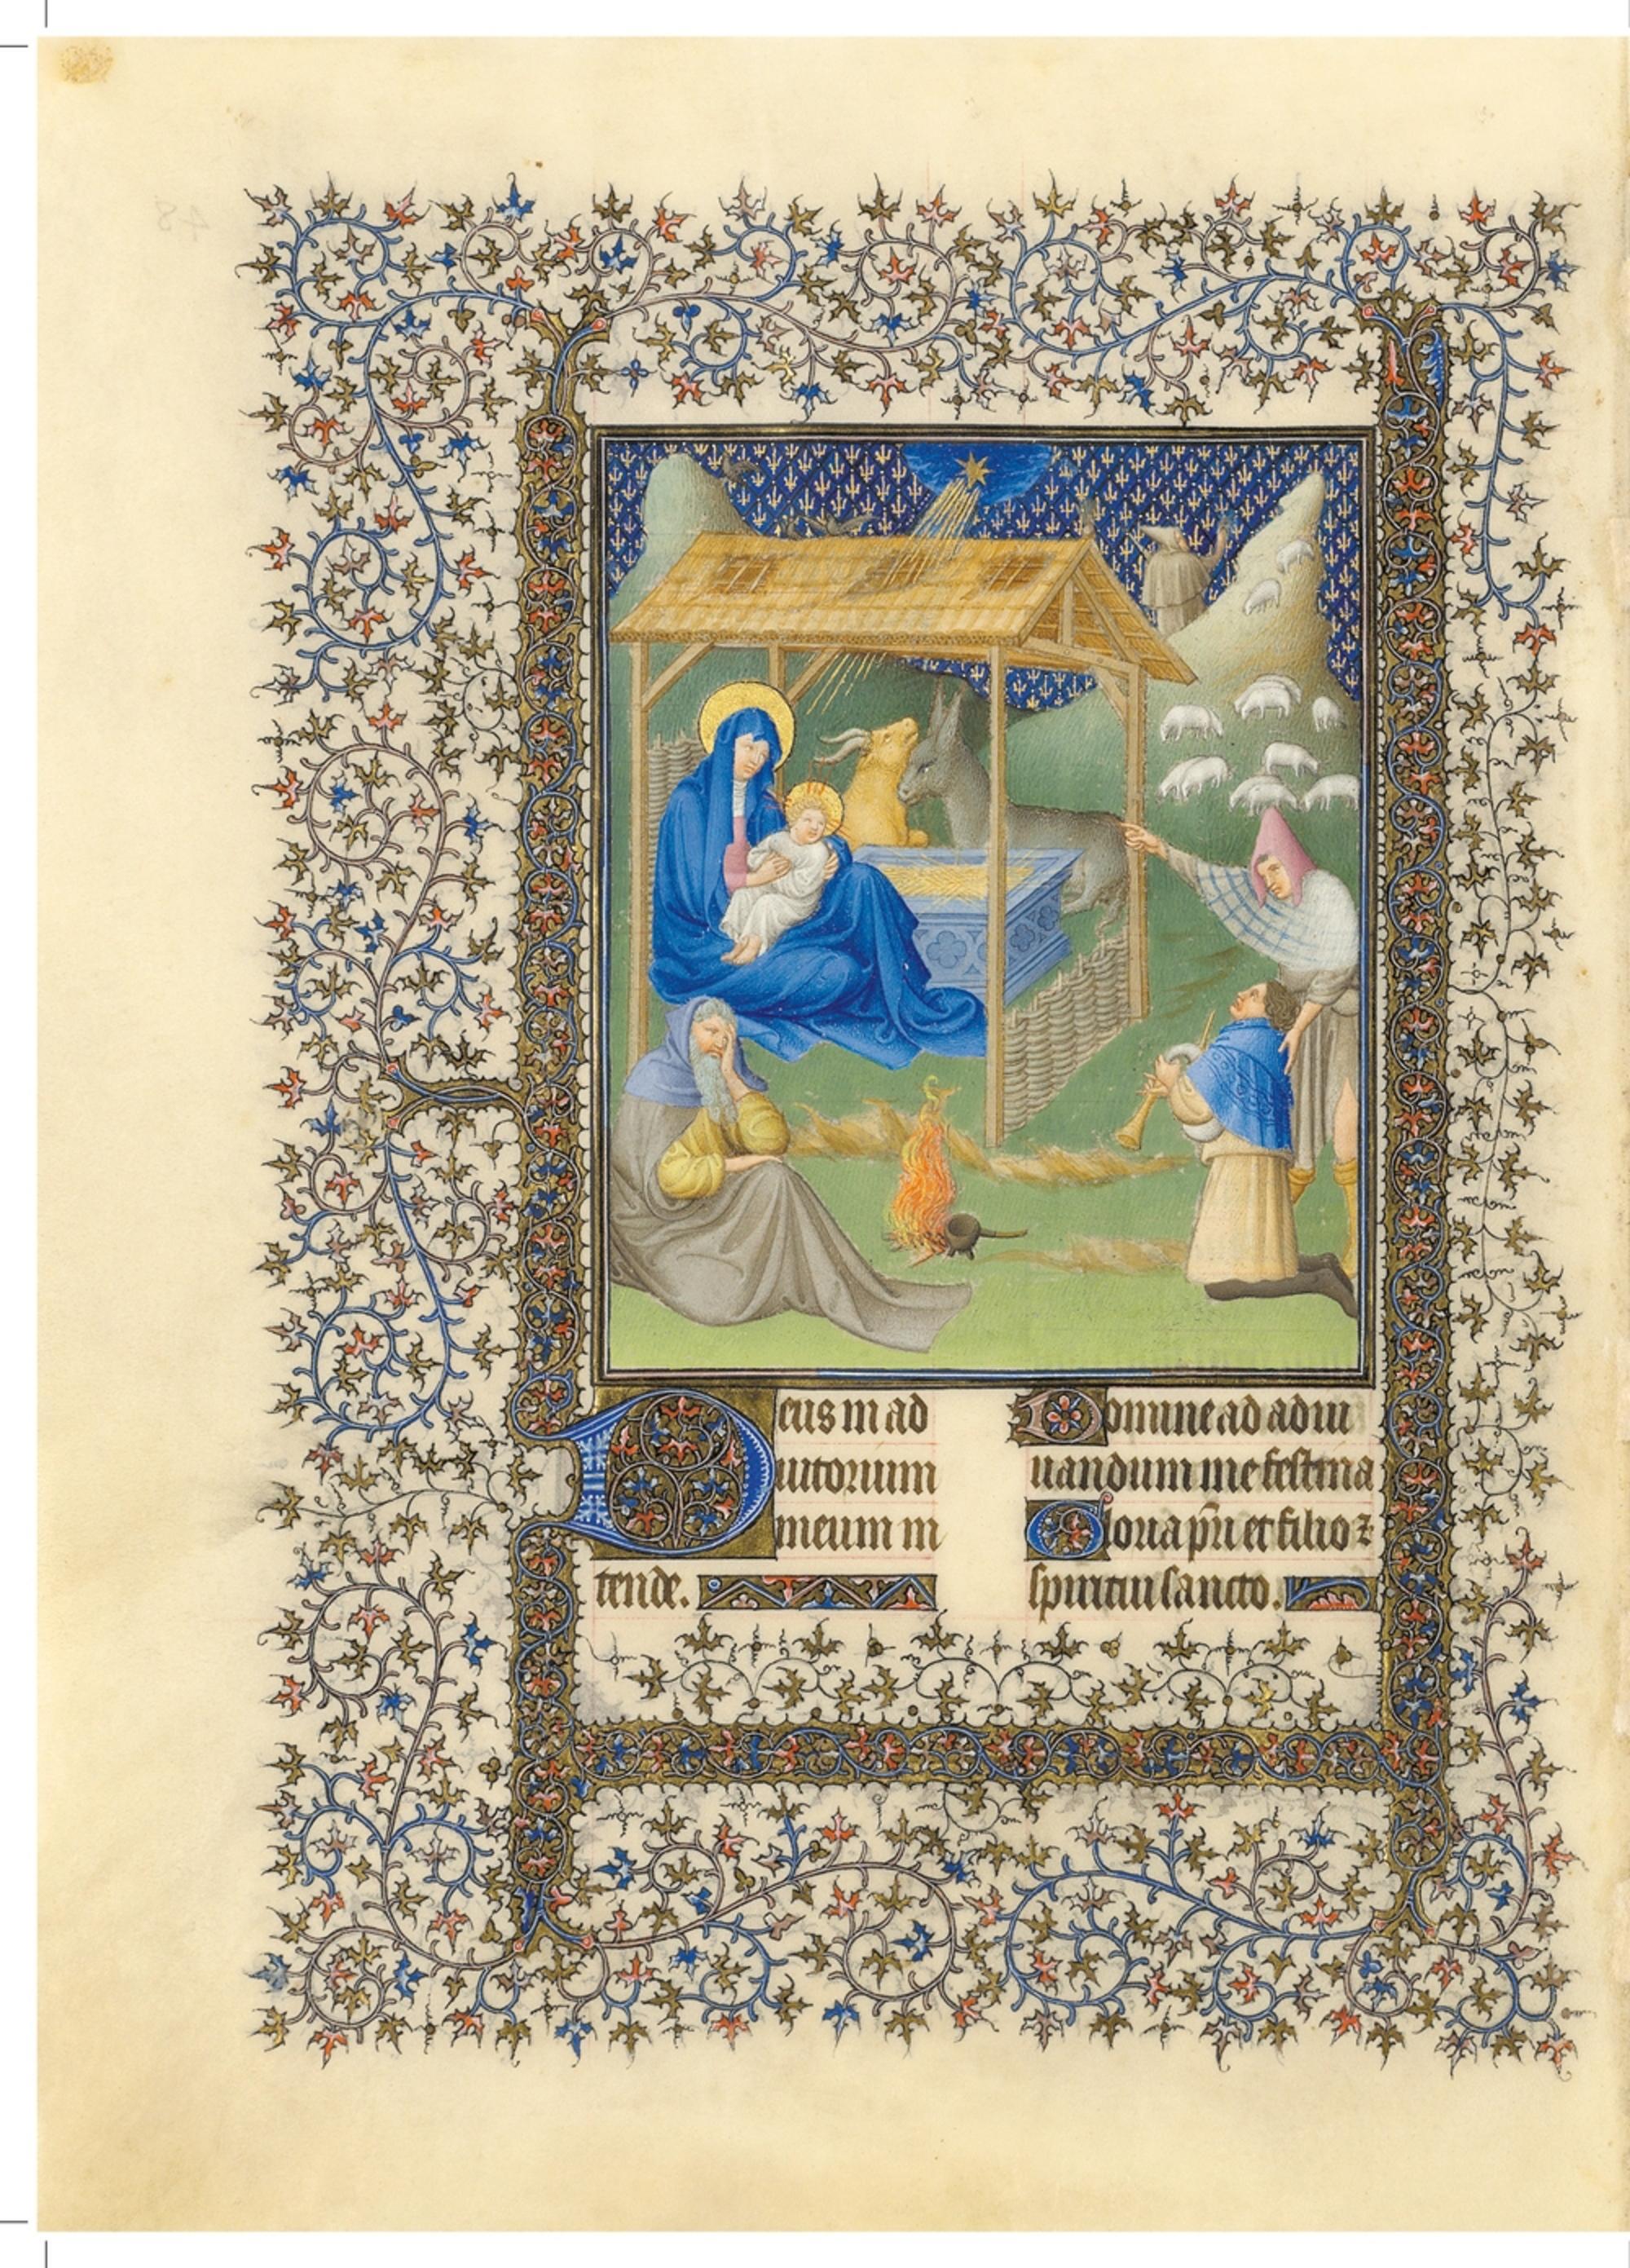 Nativite Belles heures de jean du berry folio 48v MET